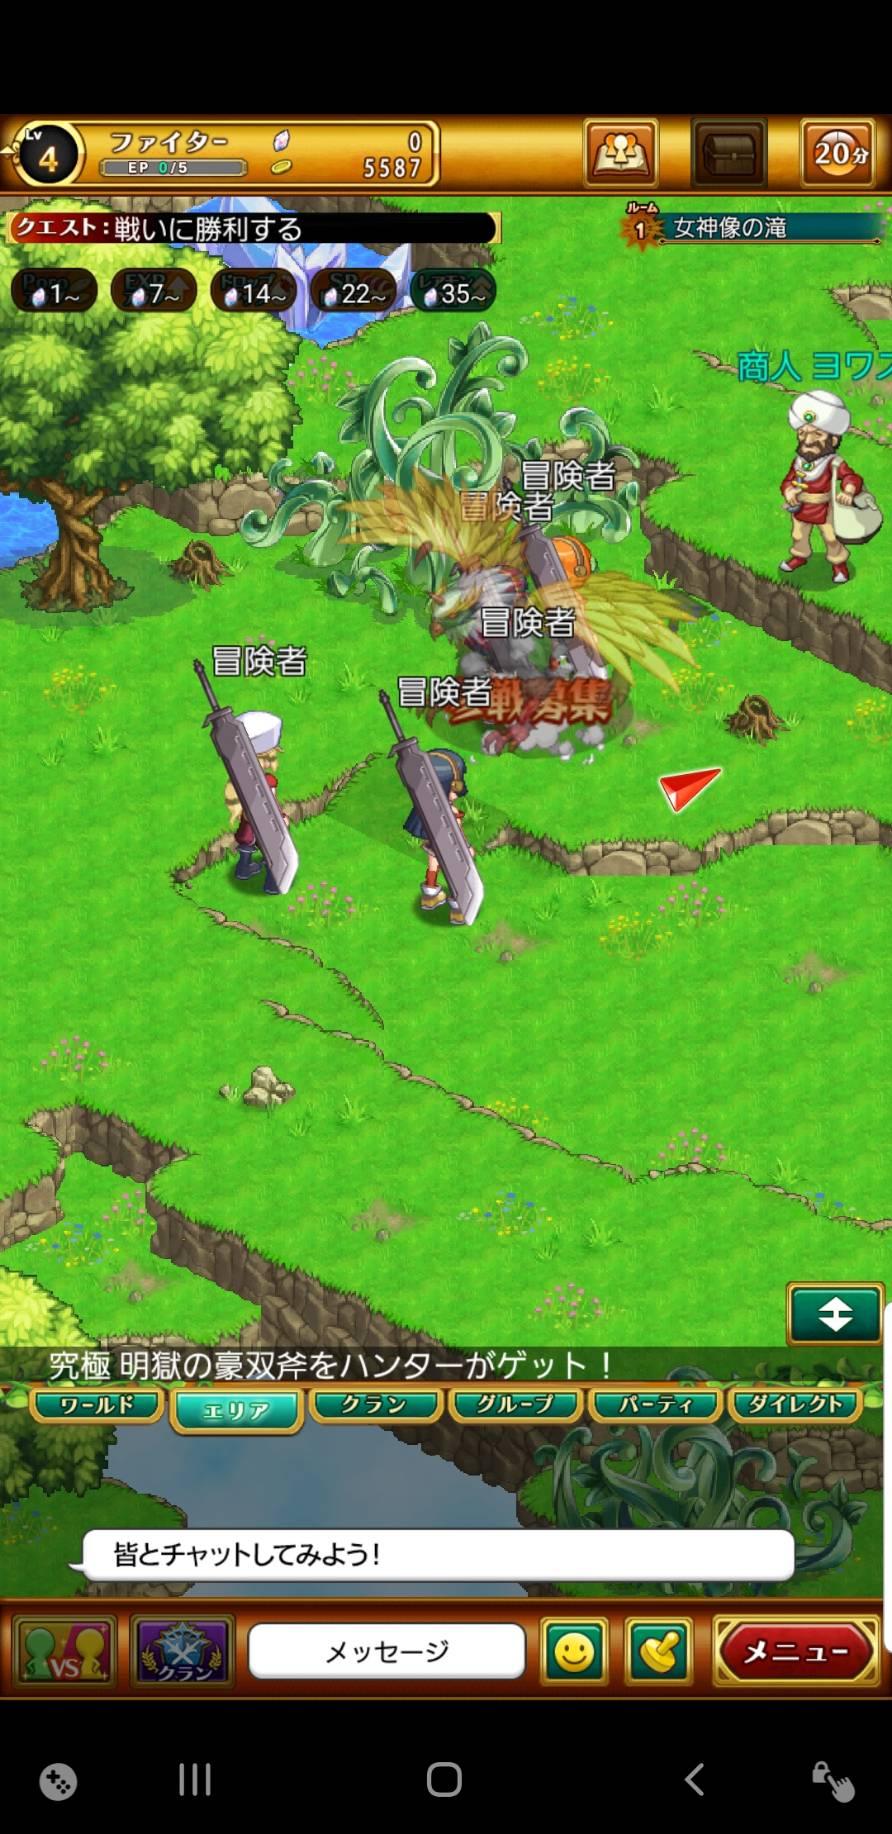 剣と魔法のログレス、おすすめMMORPG